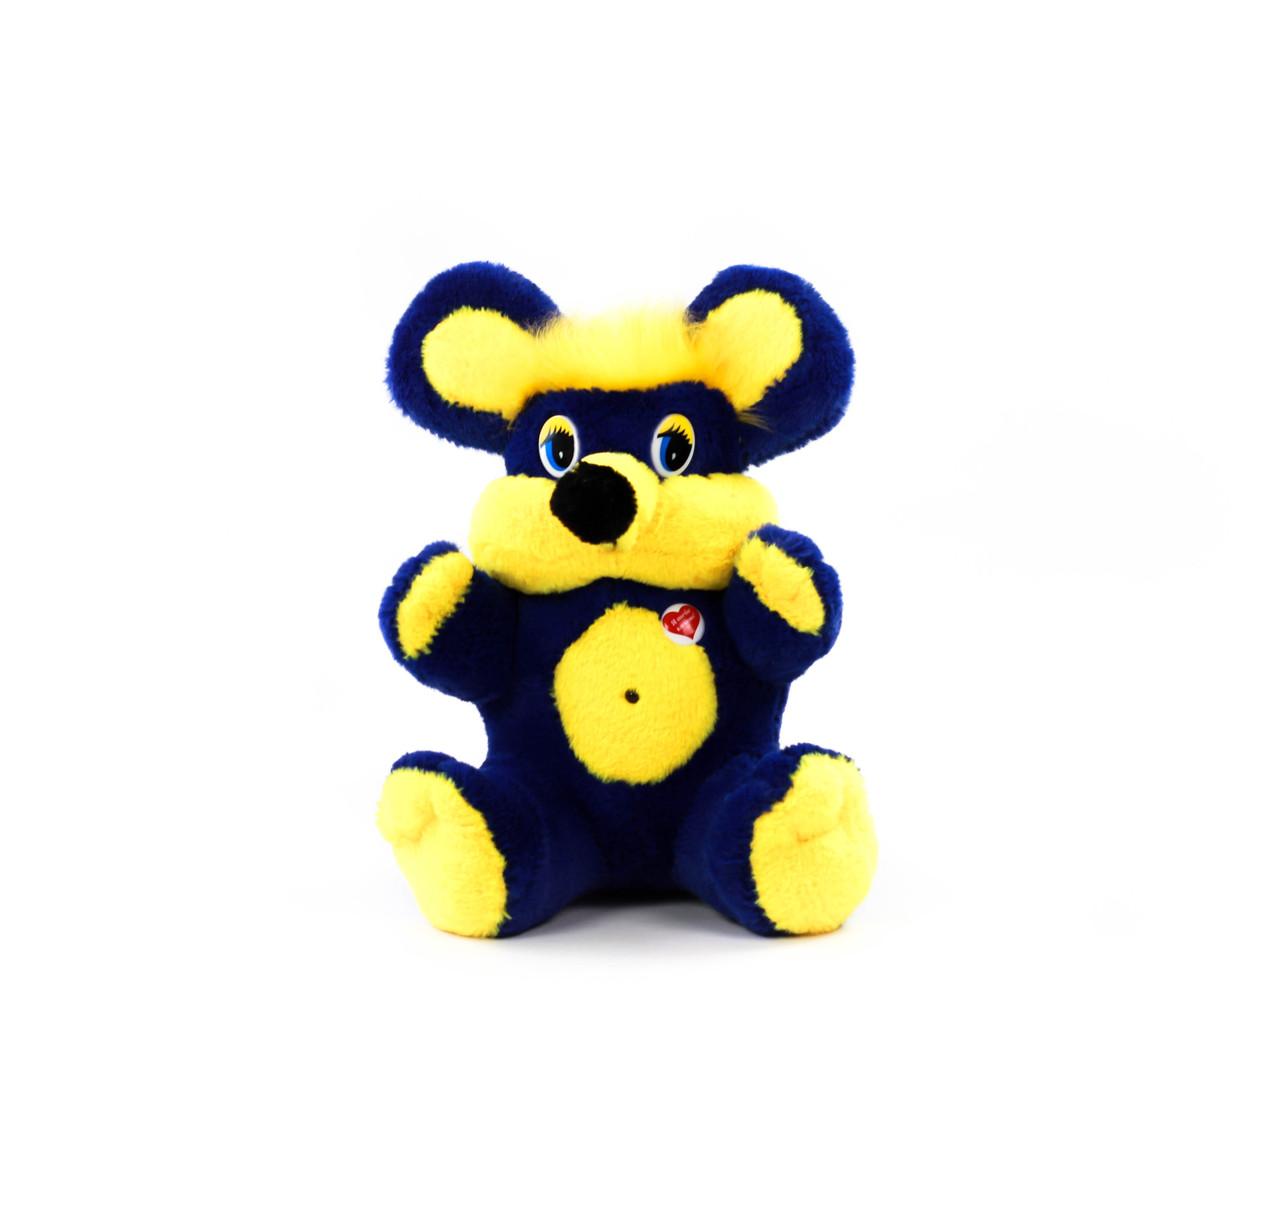 М'яка іграшка Мишка Пік